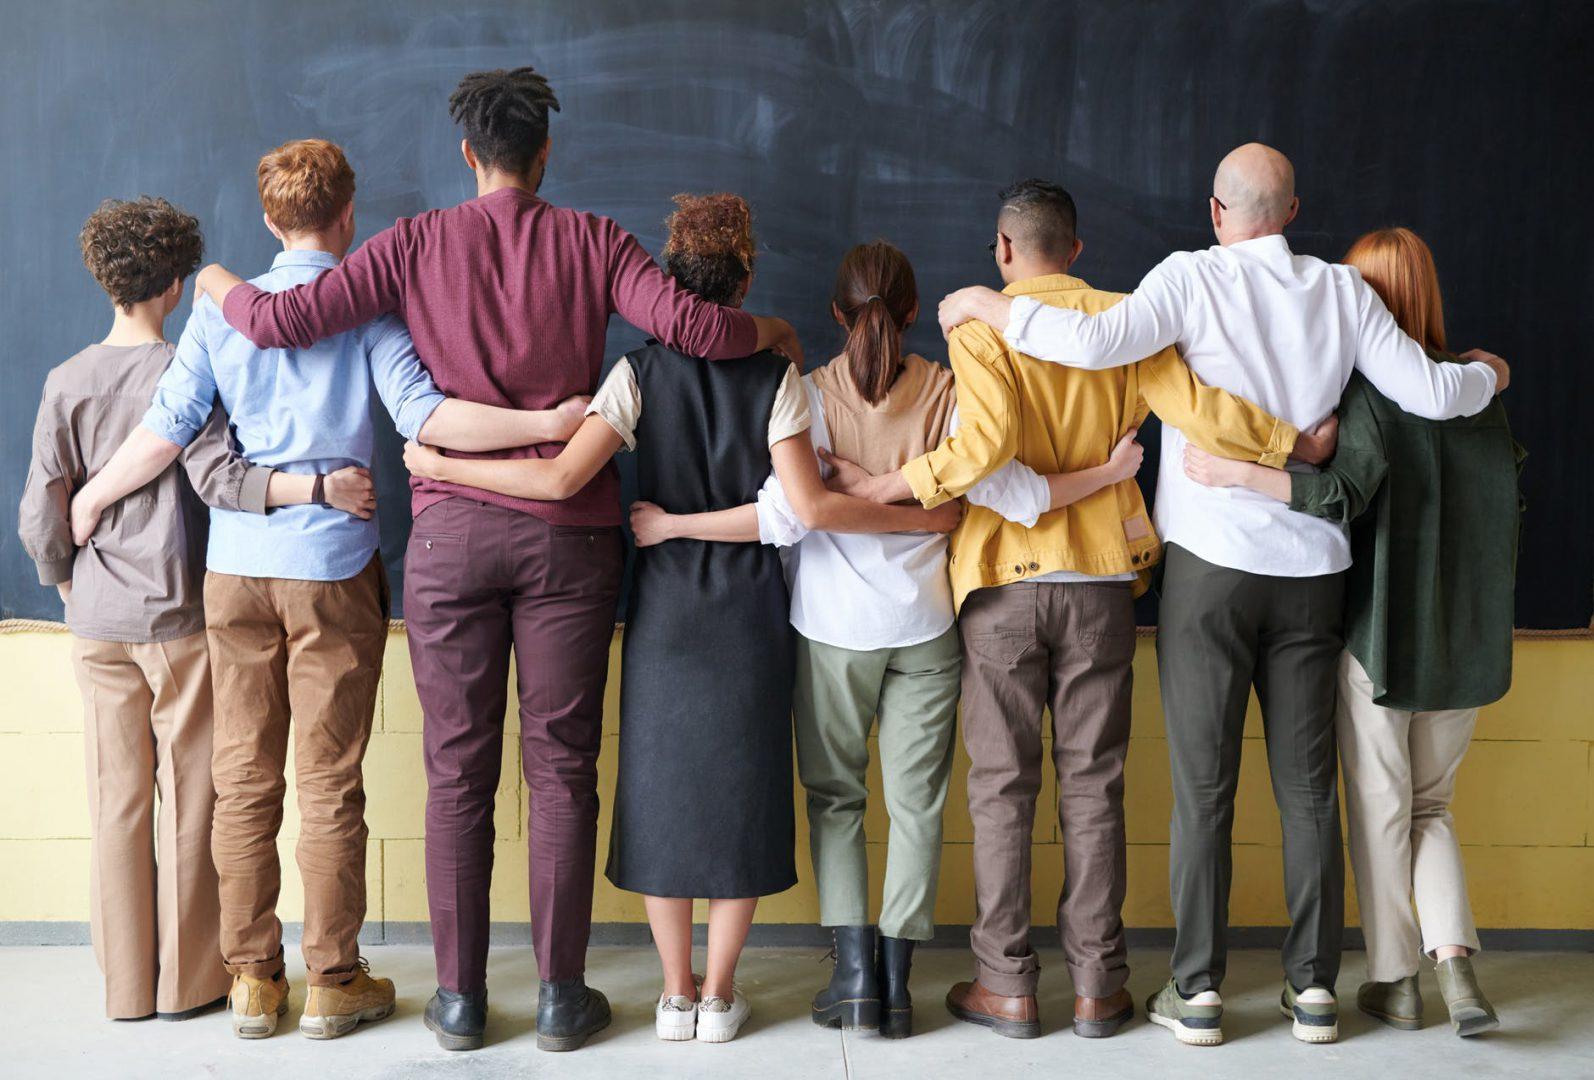 Obraz przedstawia grupkę osób, które stojąc obrócone plecami do obiektywu trzymają się wspólnie